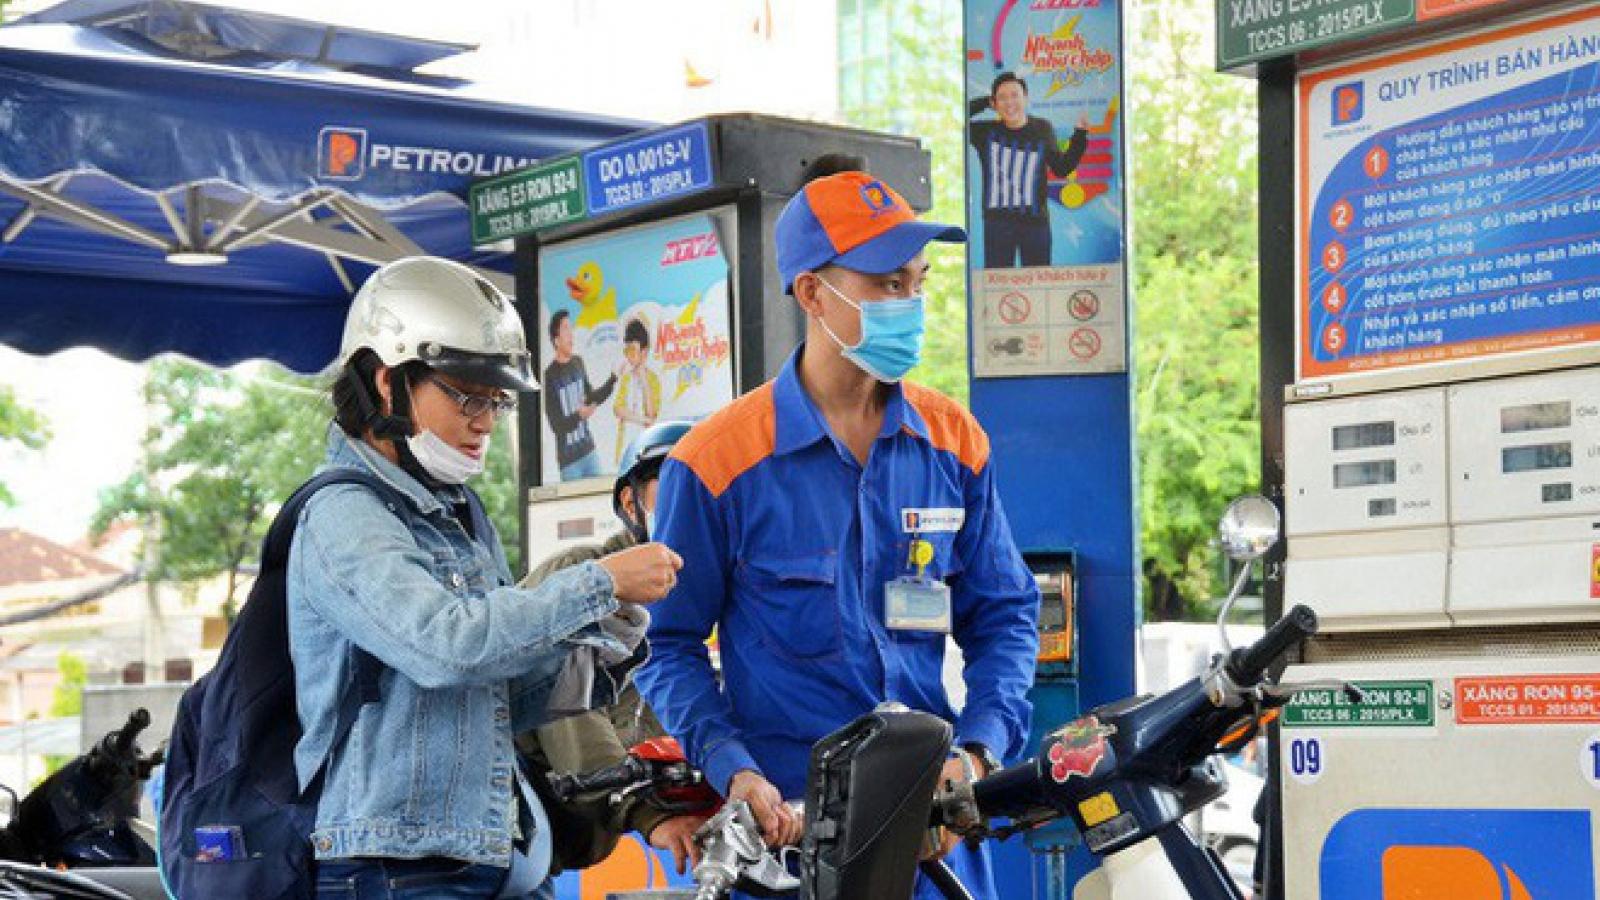 Xăng dầu tăng giá trước diễn biến phức tạp của dịch Covid-19